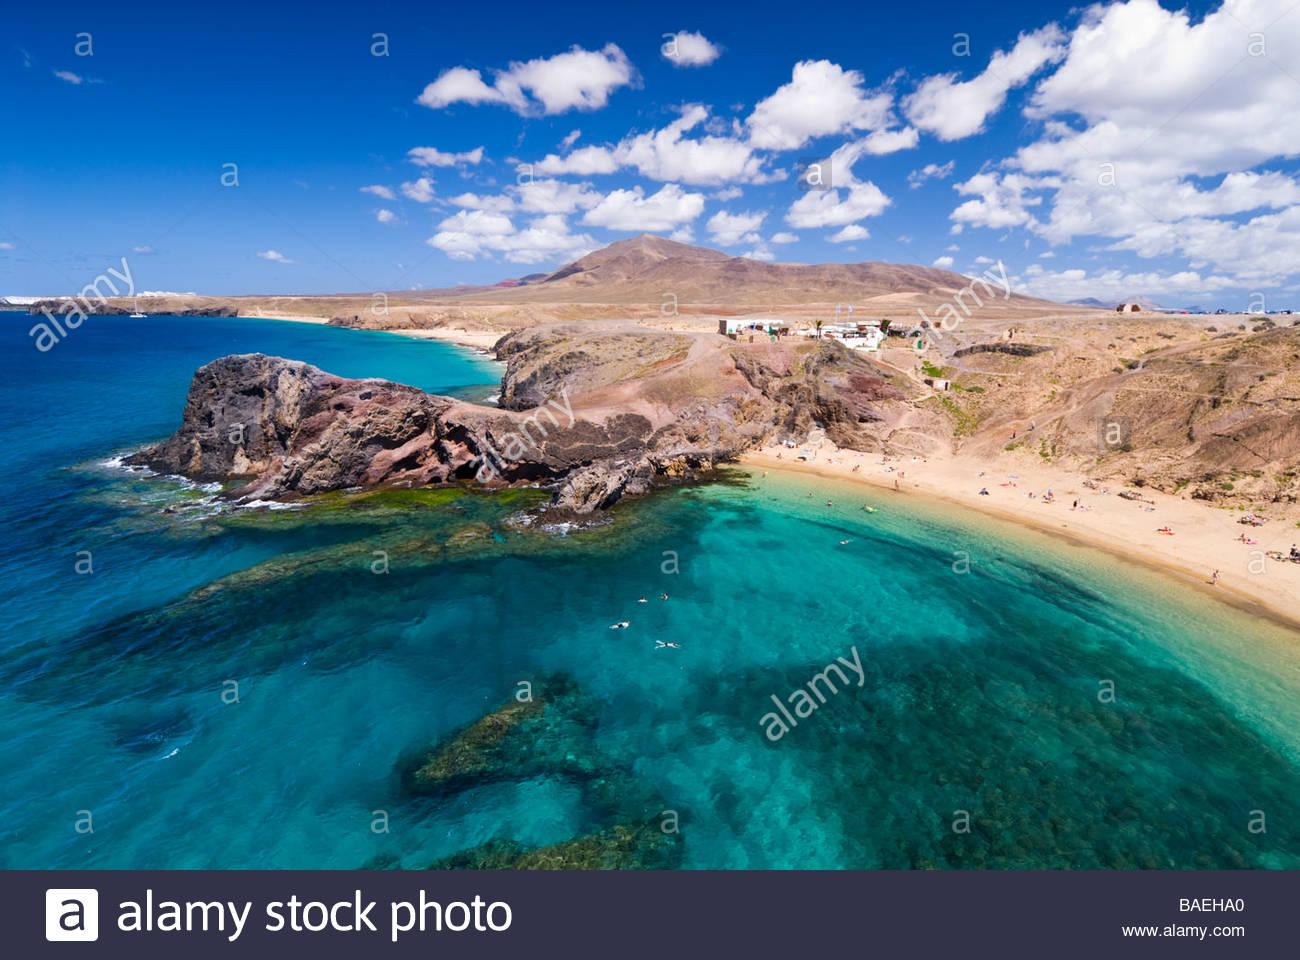 Playa de Papagayo, Lanzarote, Canary Islands, Spain. - Stock Image